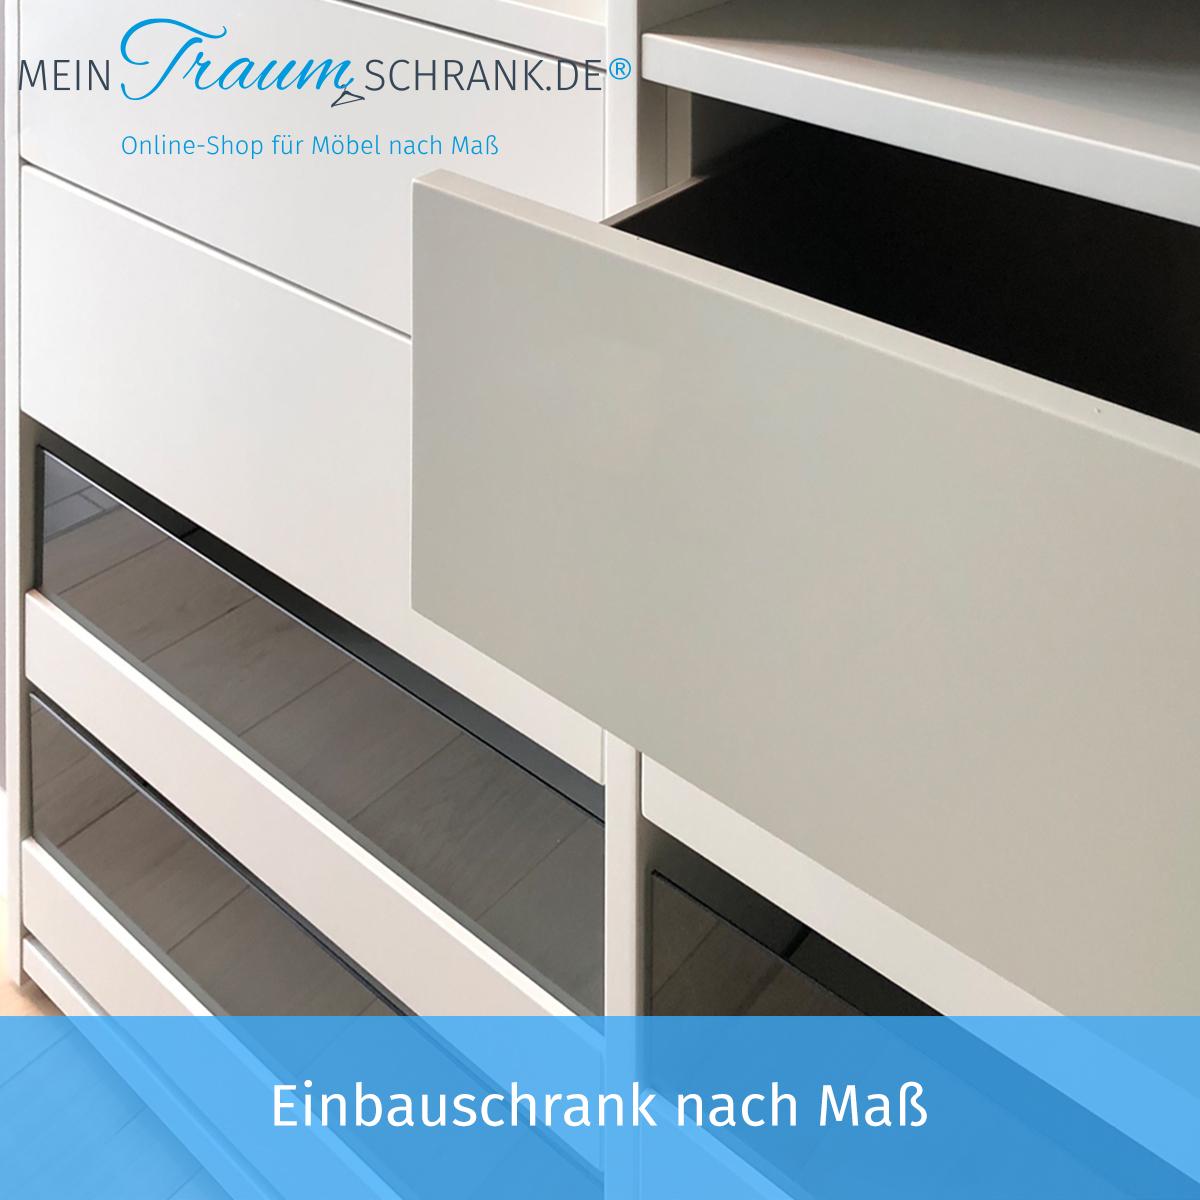 Einbauschrank nach Maß - Mein-Traumschrank.de